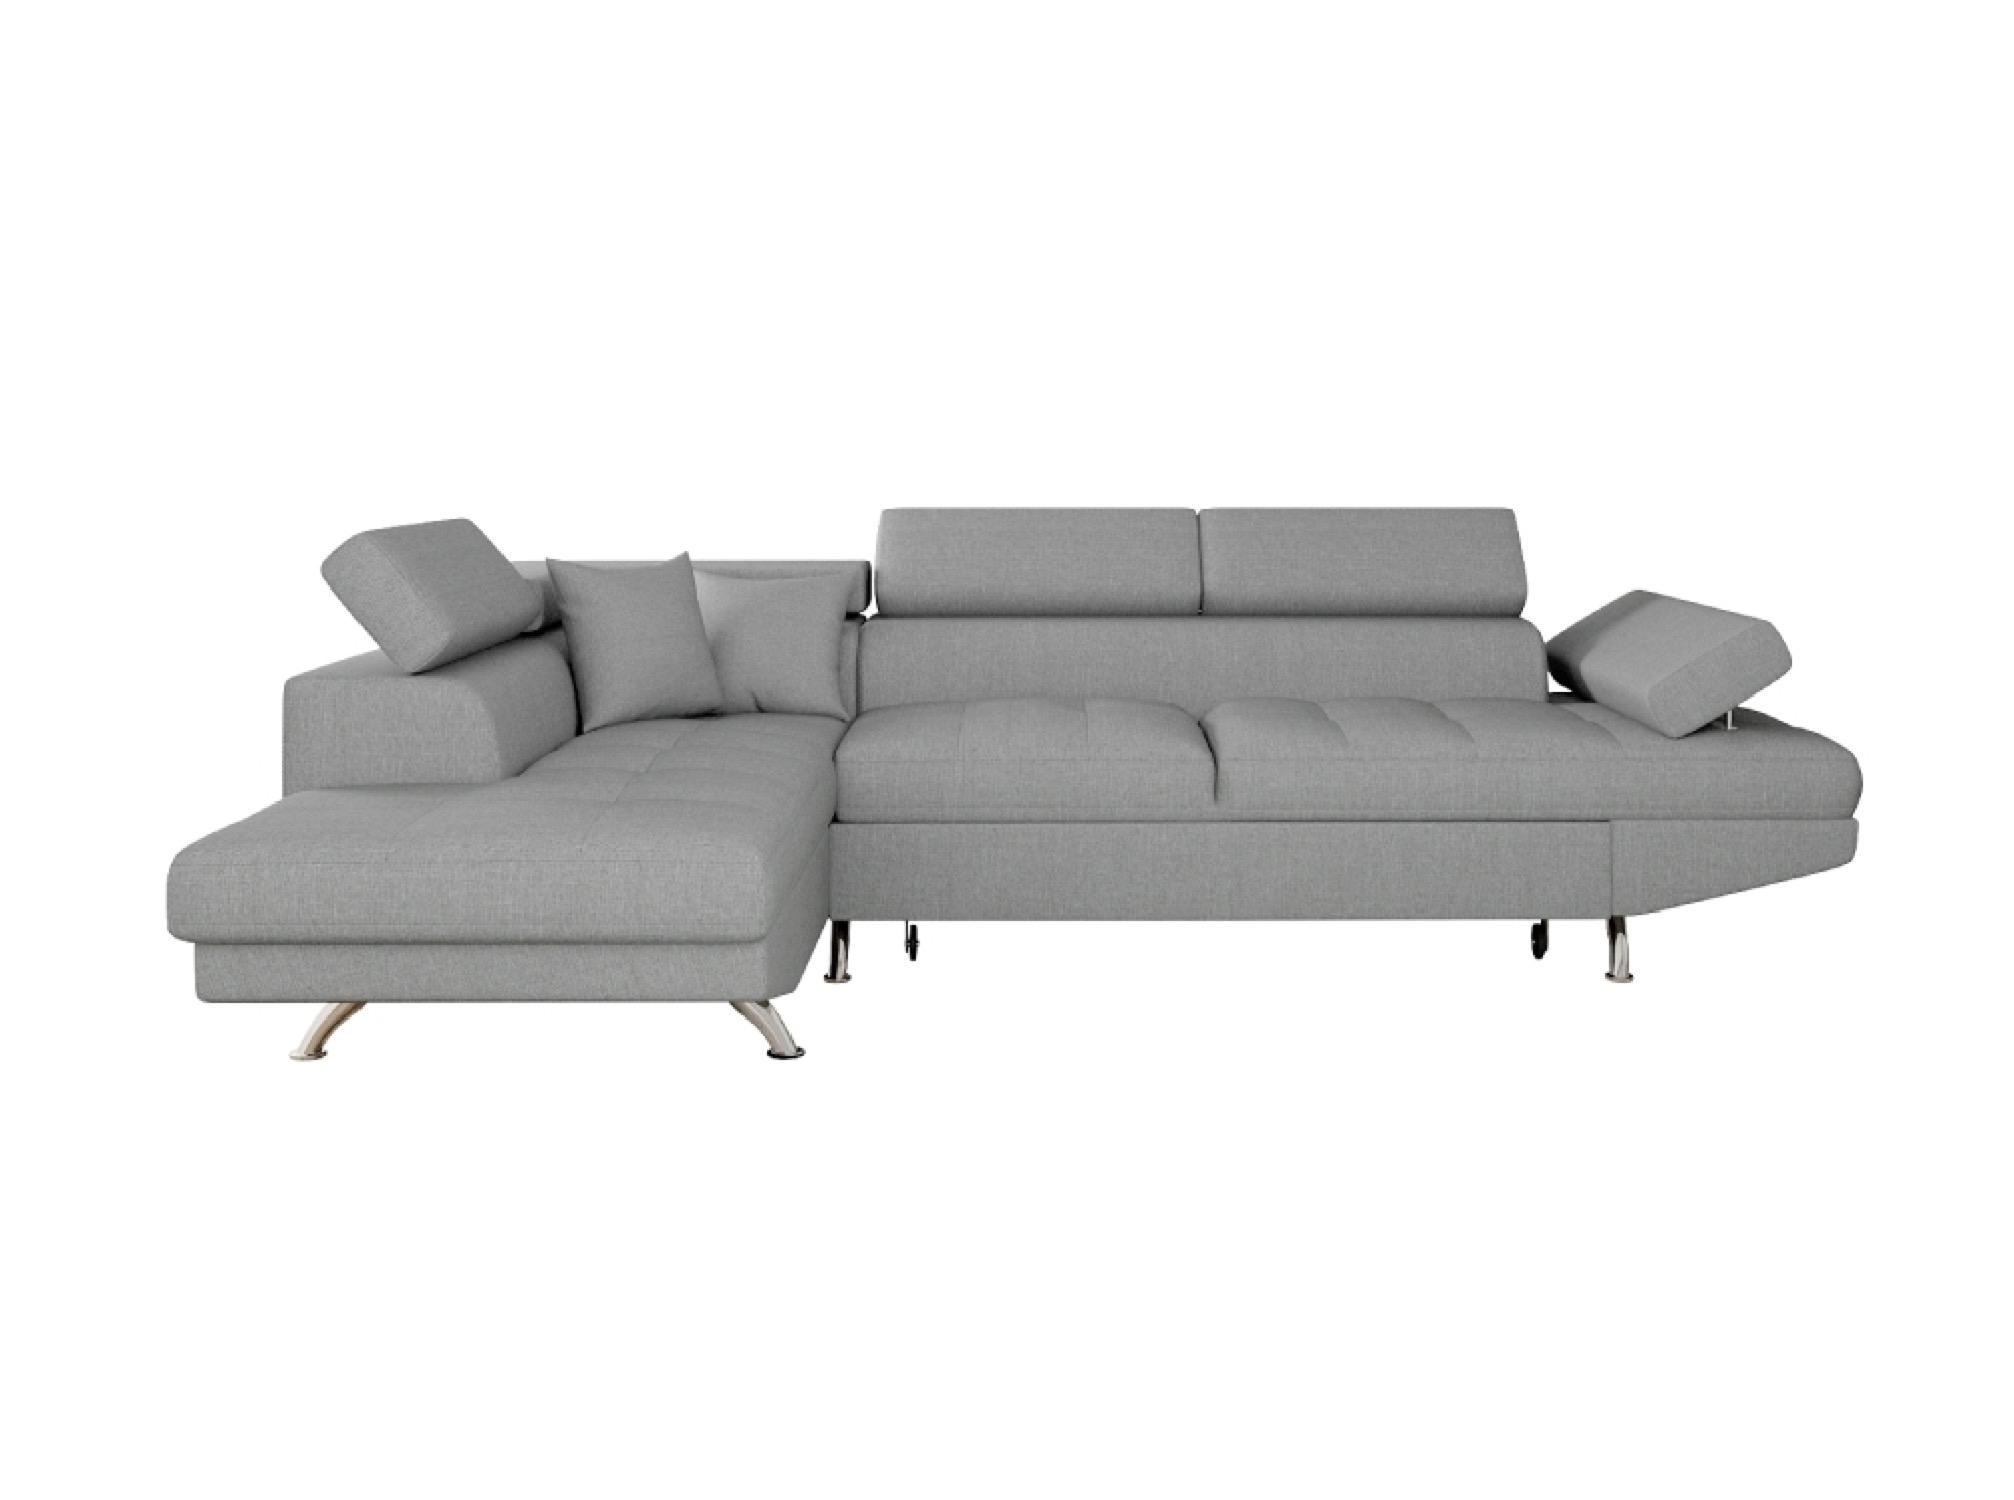 Canapé d'angle 5 places Gris Tissu Contemporain Confort